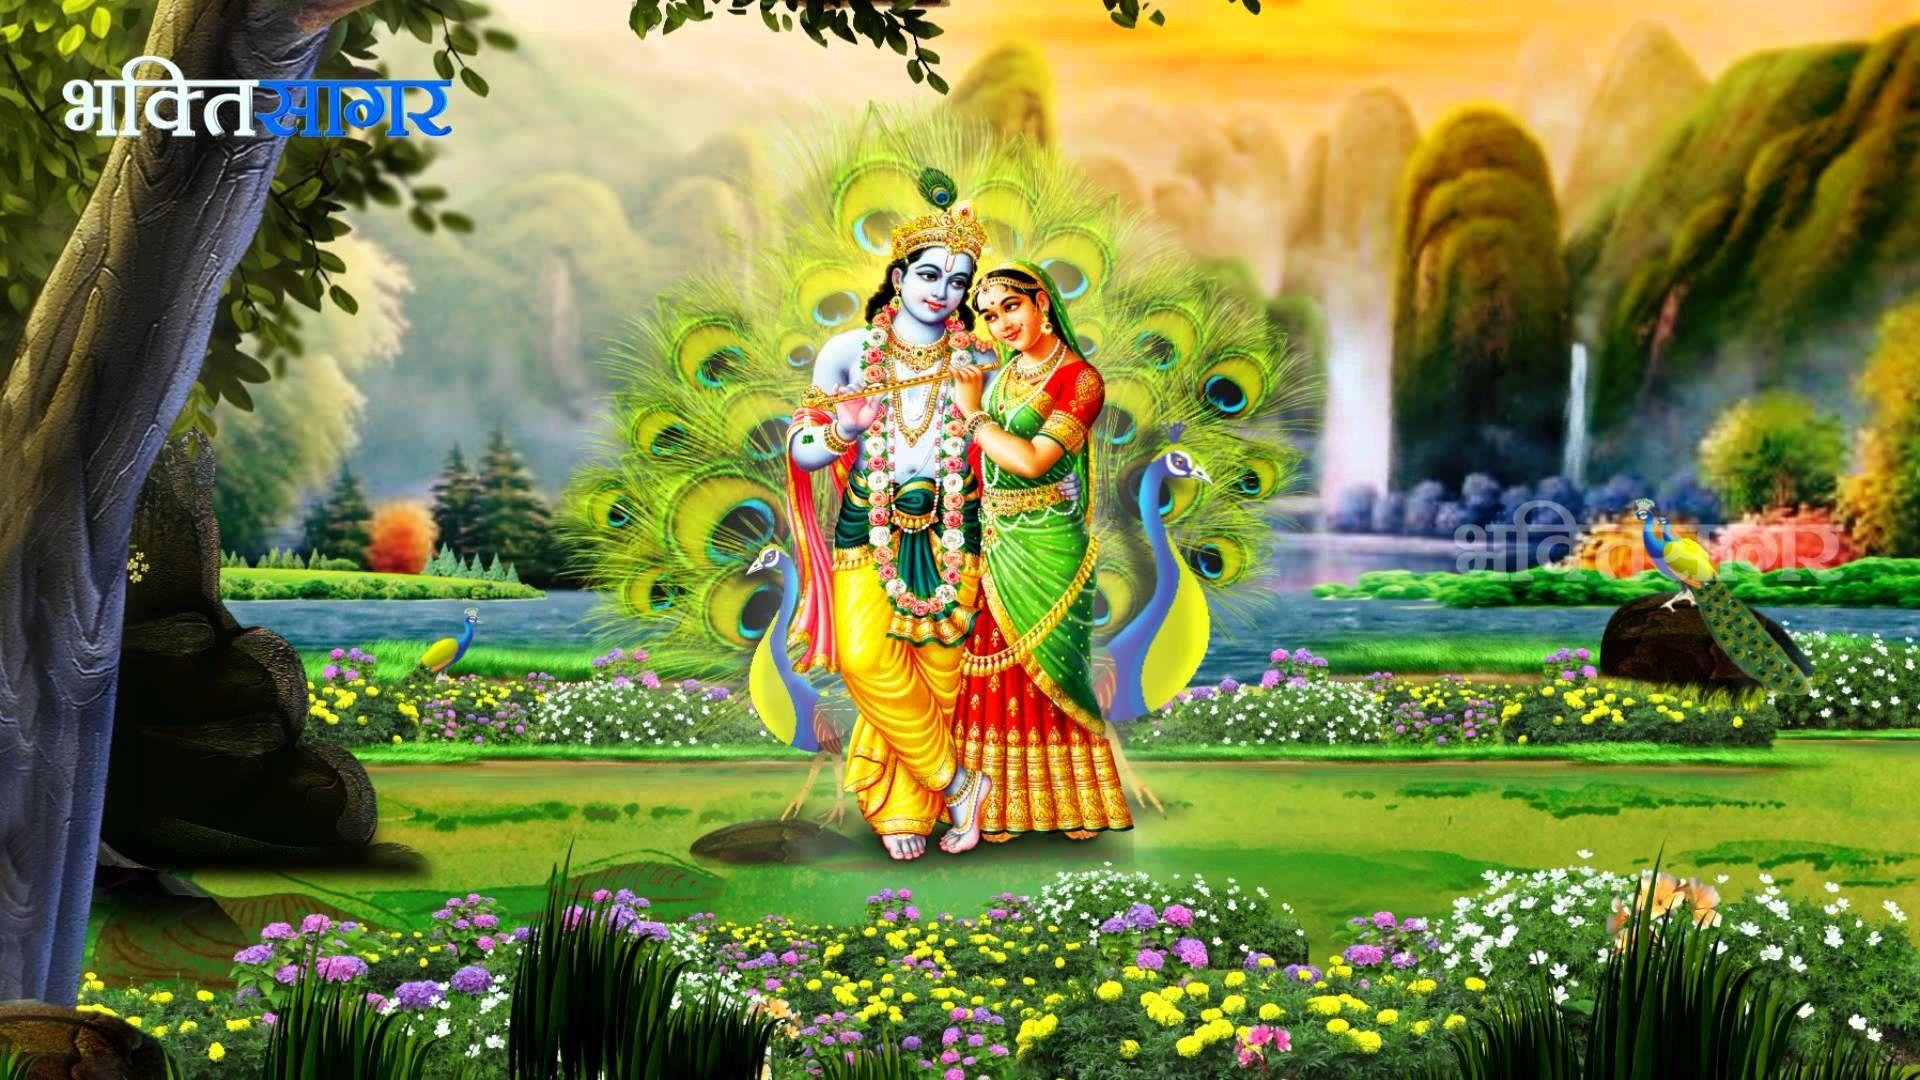 Lord Krishna Hd Wallpapers 1080p 633965 Lord Krishna Hd Wallpaper Hd Wallpapers 1080p Krishna Radha Painting